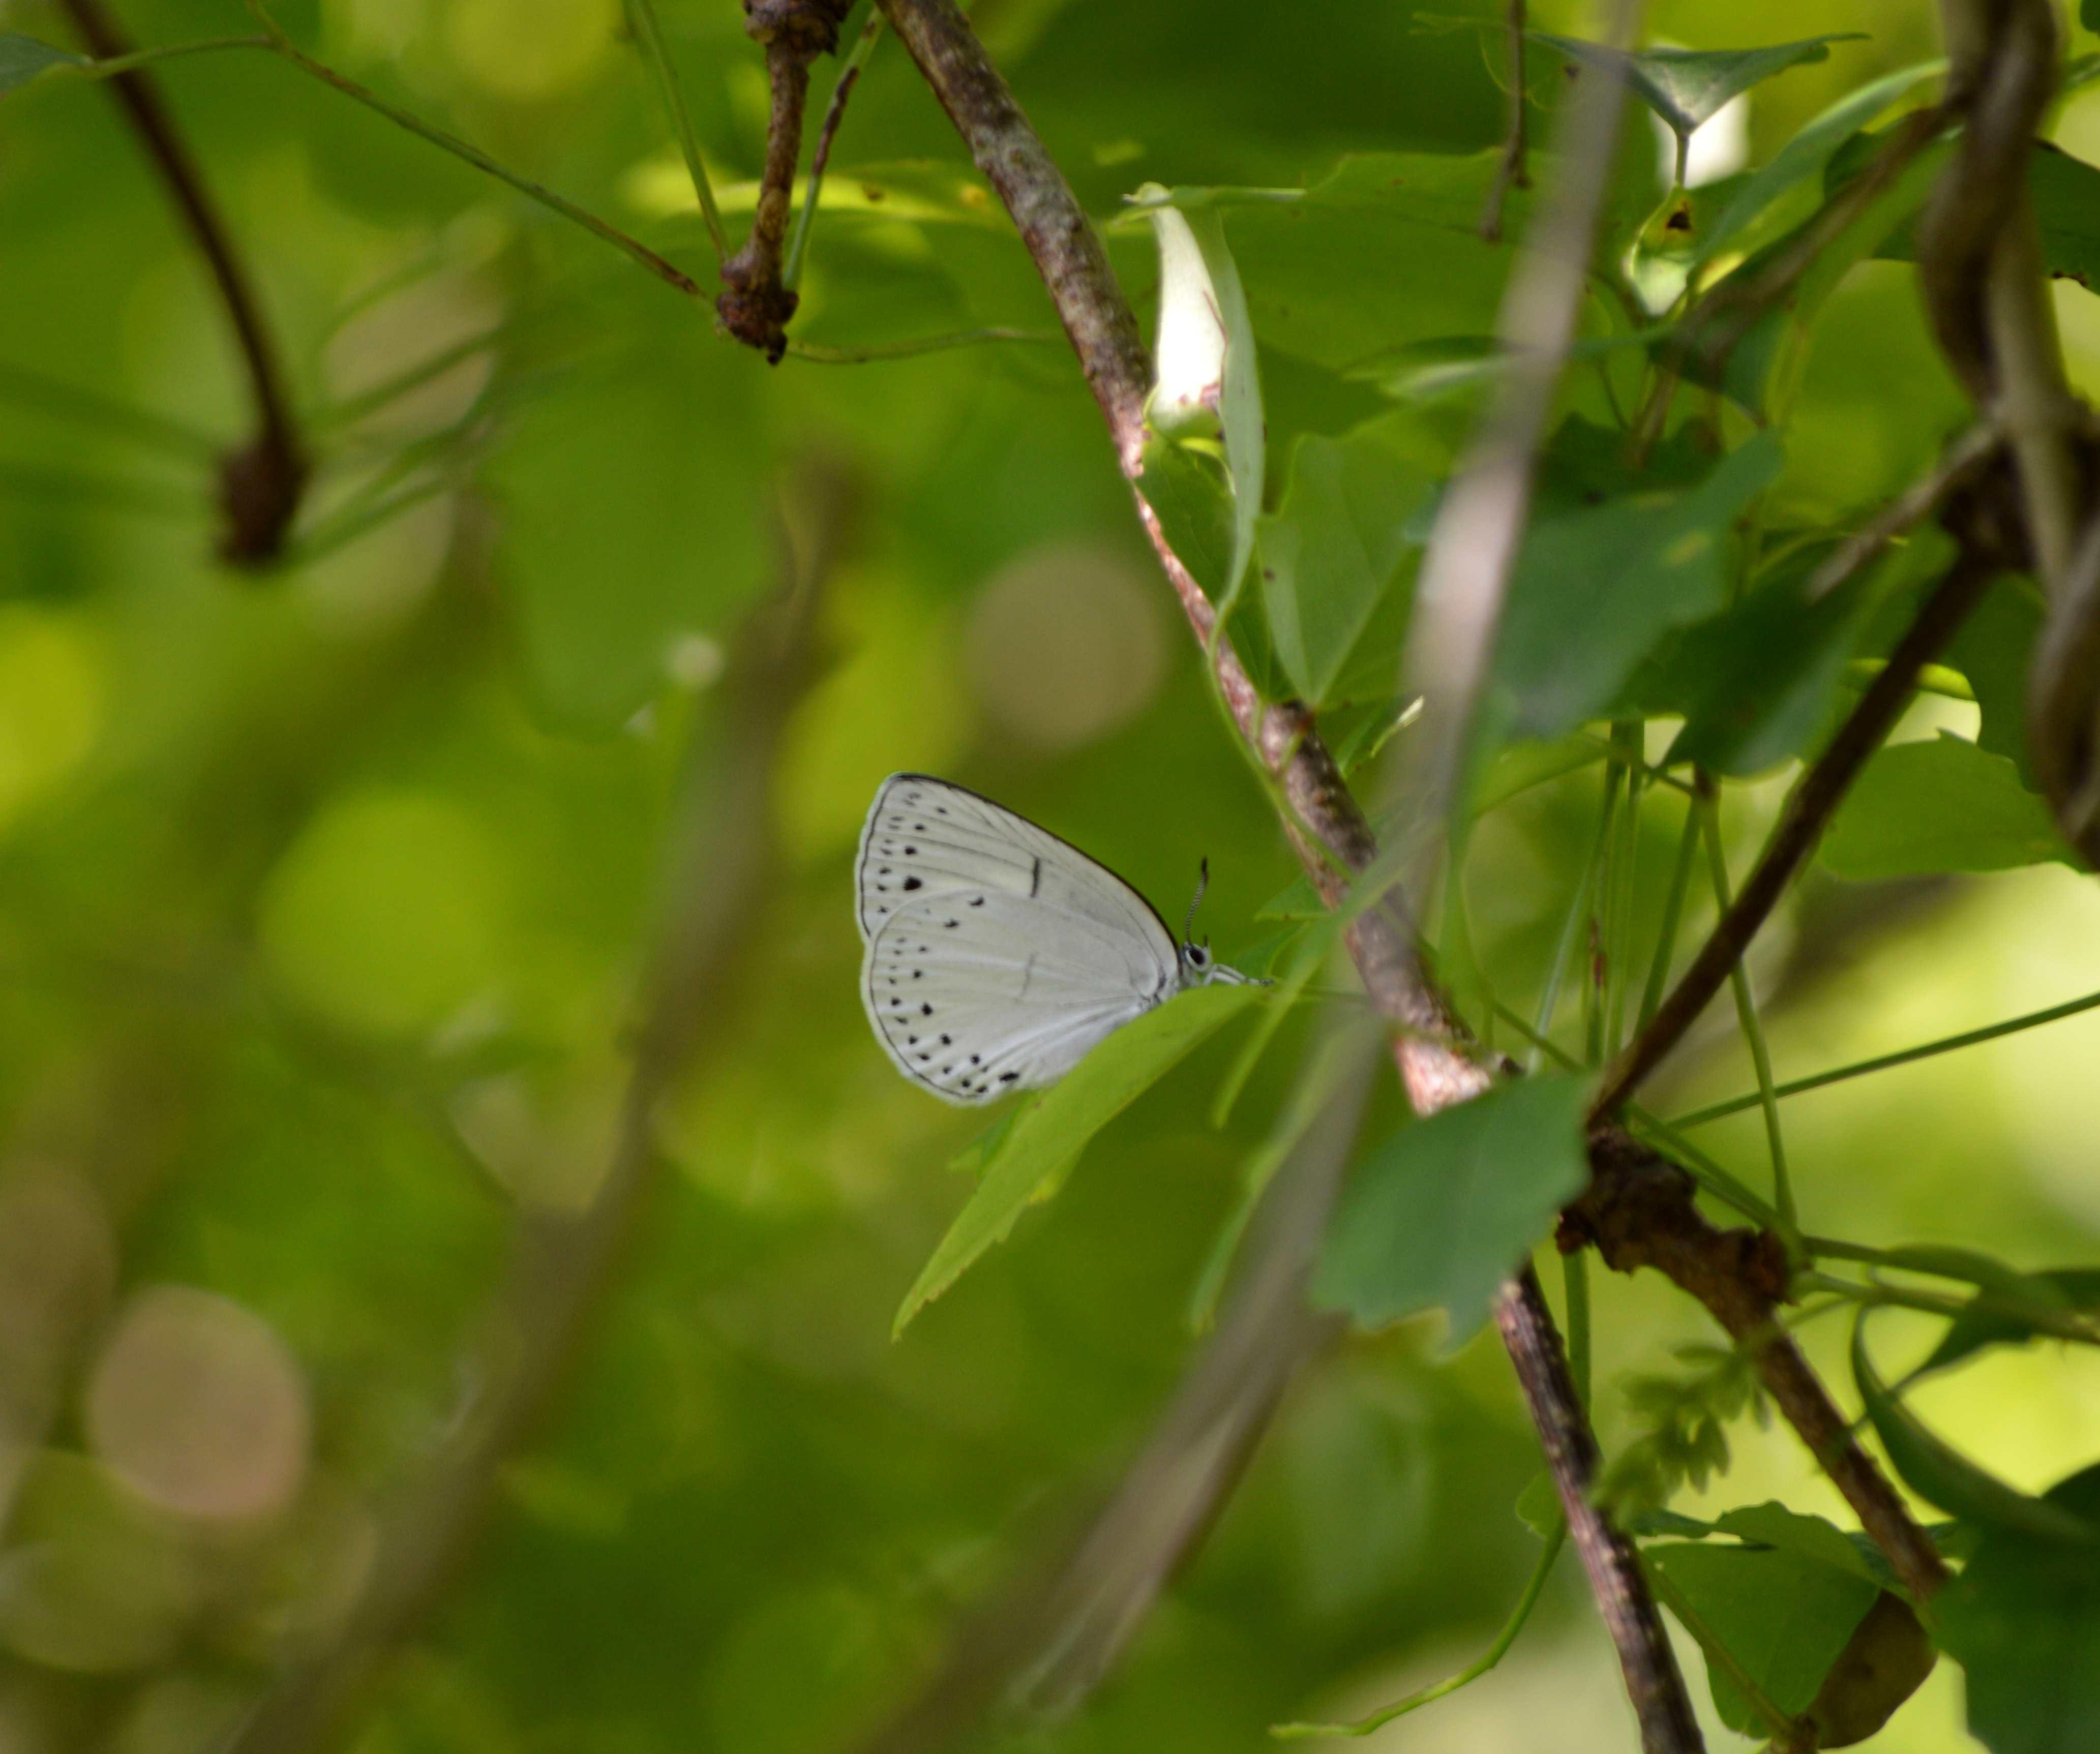 ウラゴマダラシジミの放蝶 5月13日_d0254540_178123.jpg